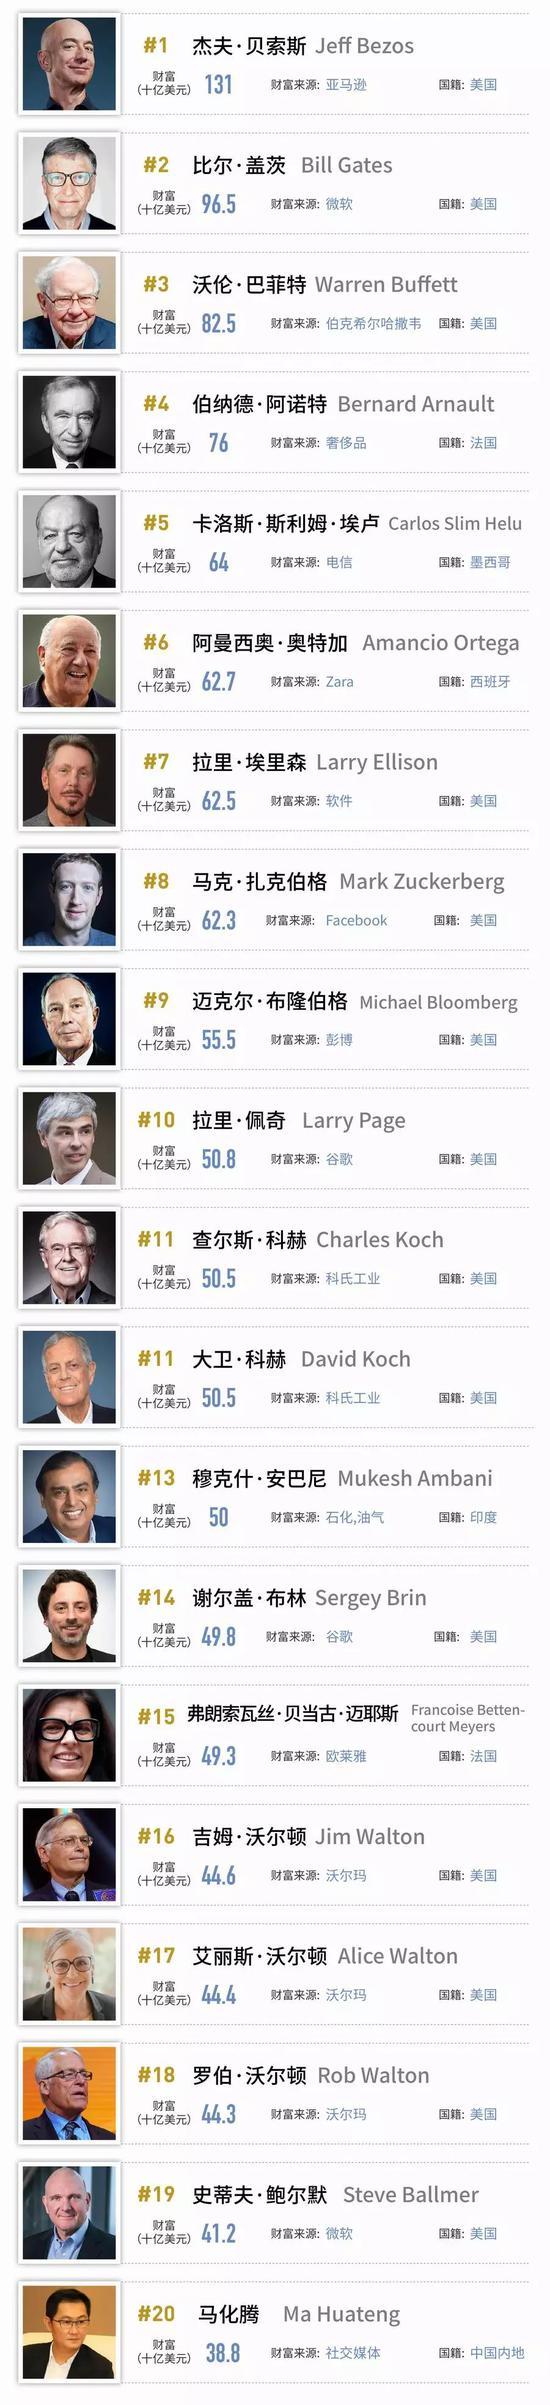 福布斯发布 2019 全球亿万富豪榜:前 20 有马化腾没马云